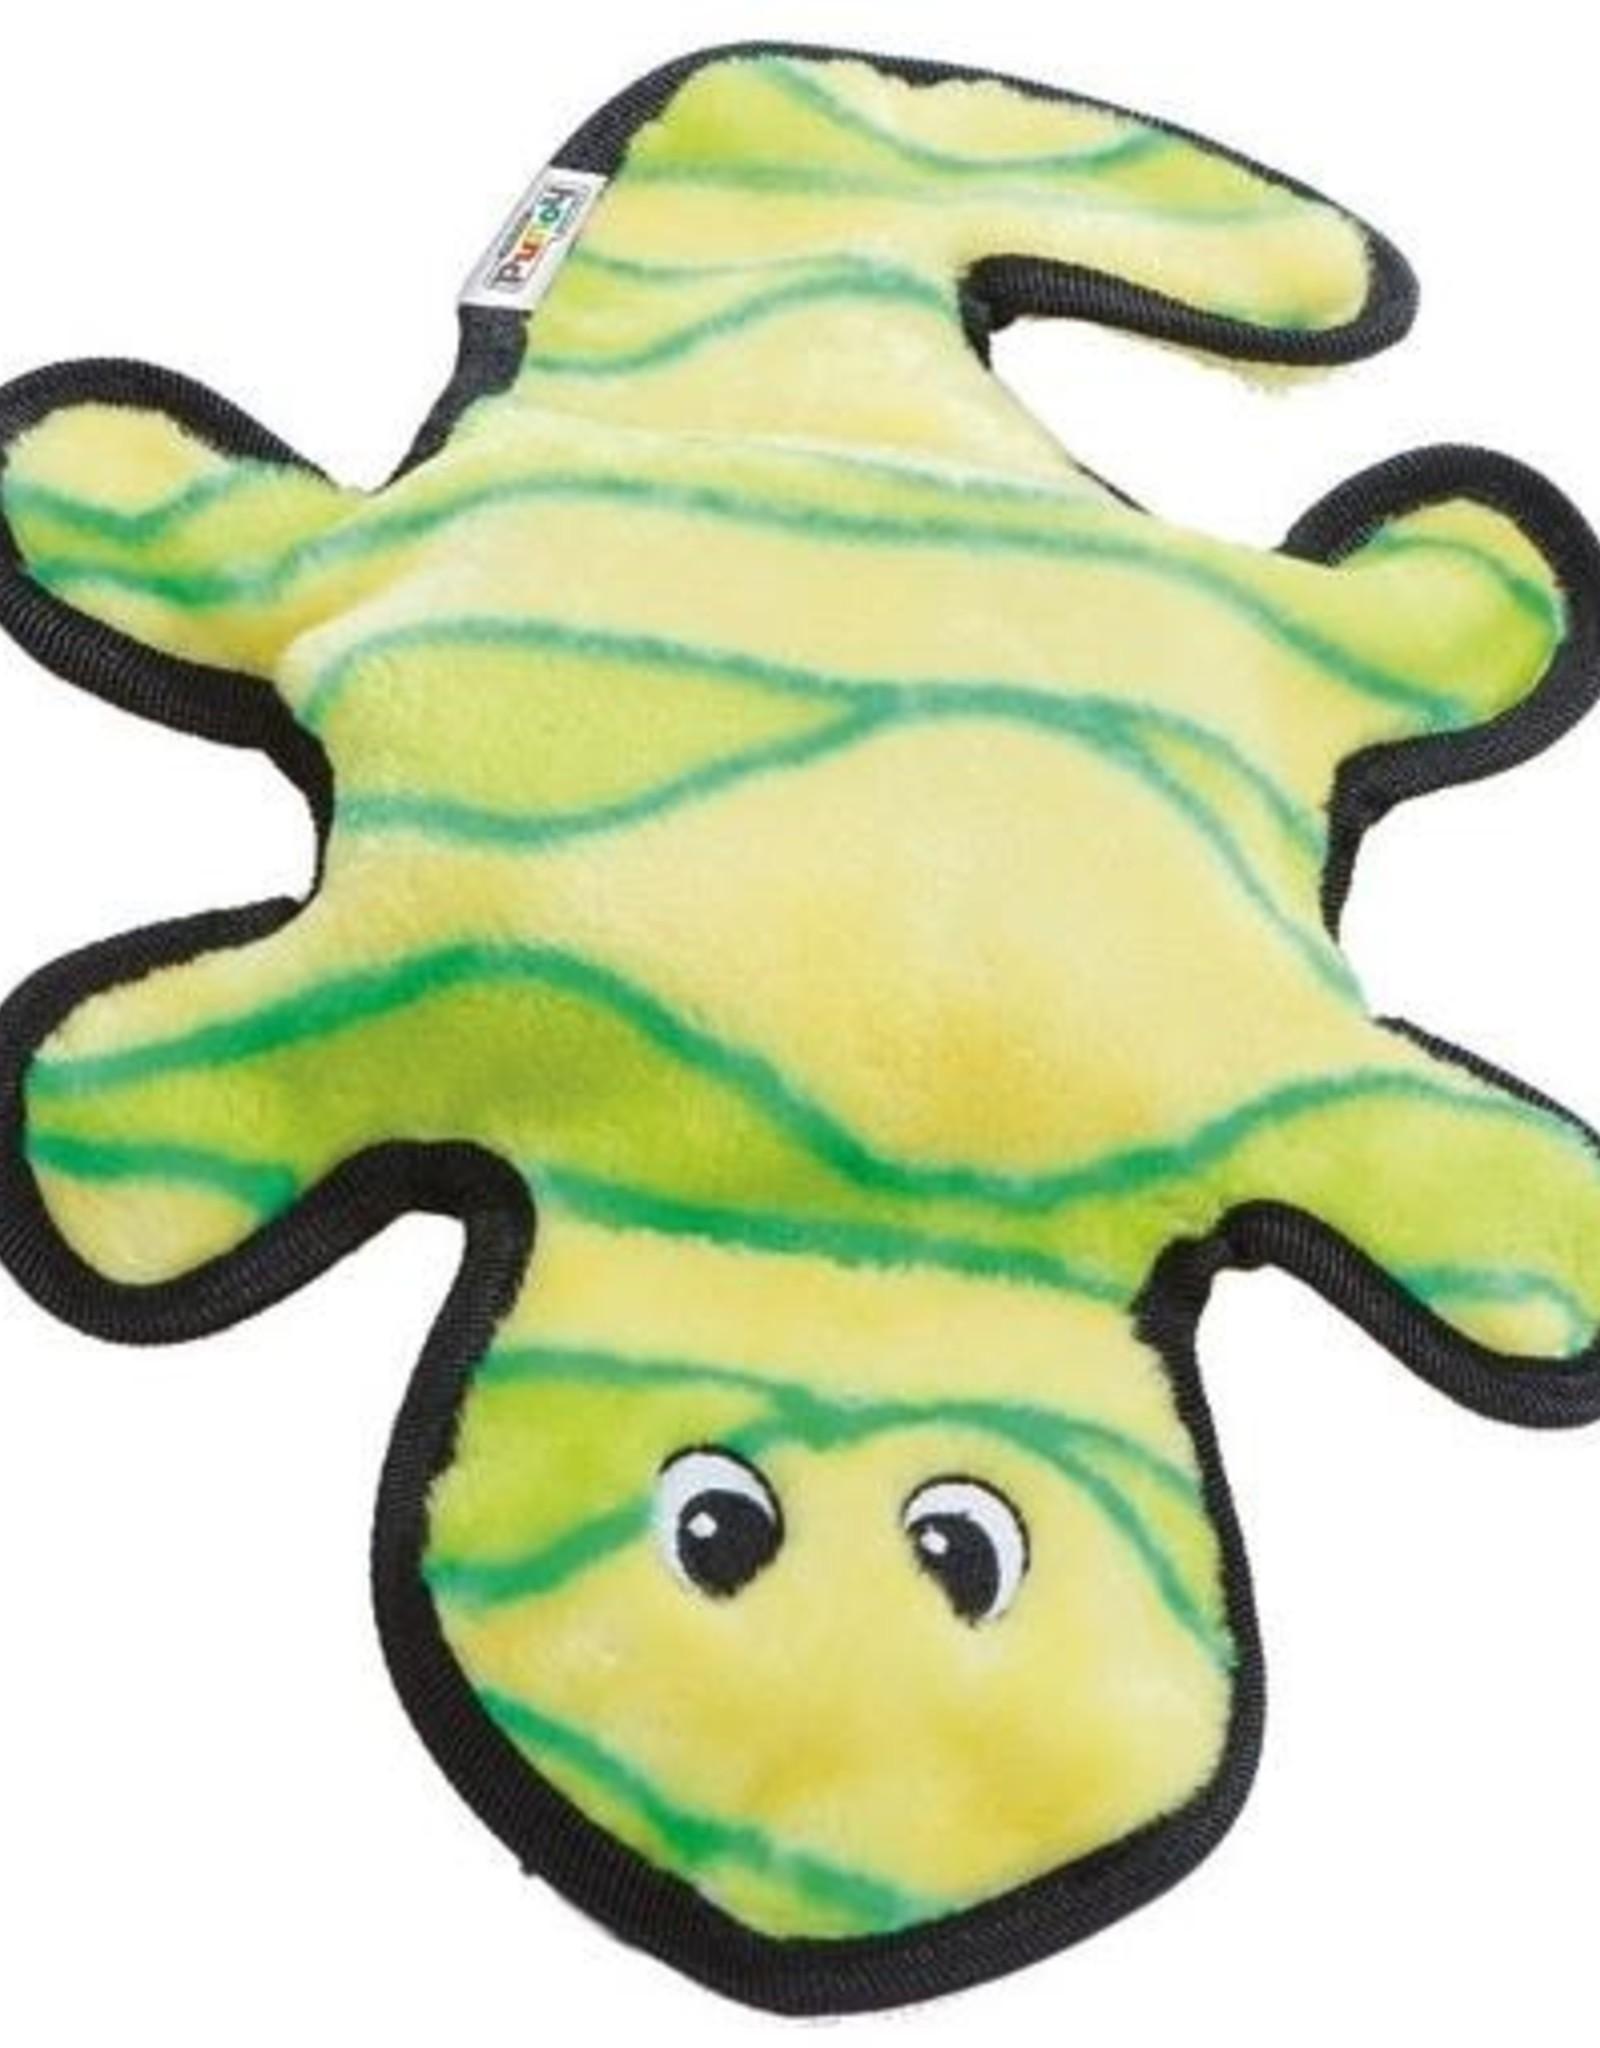 Invincibles Gecko 2 squeaker